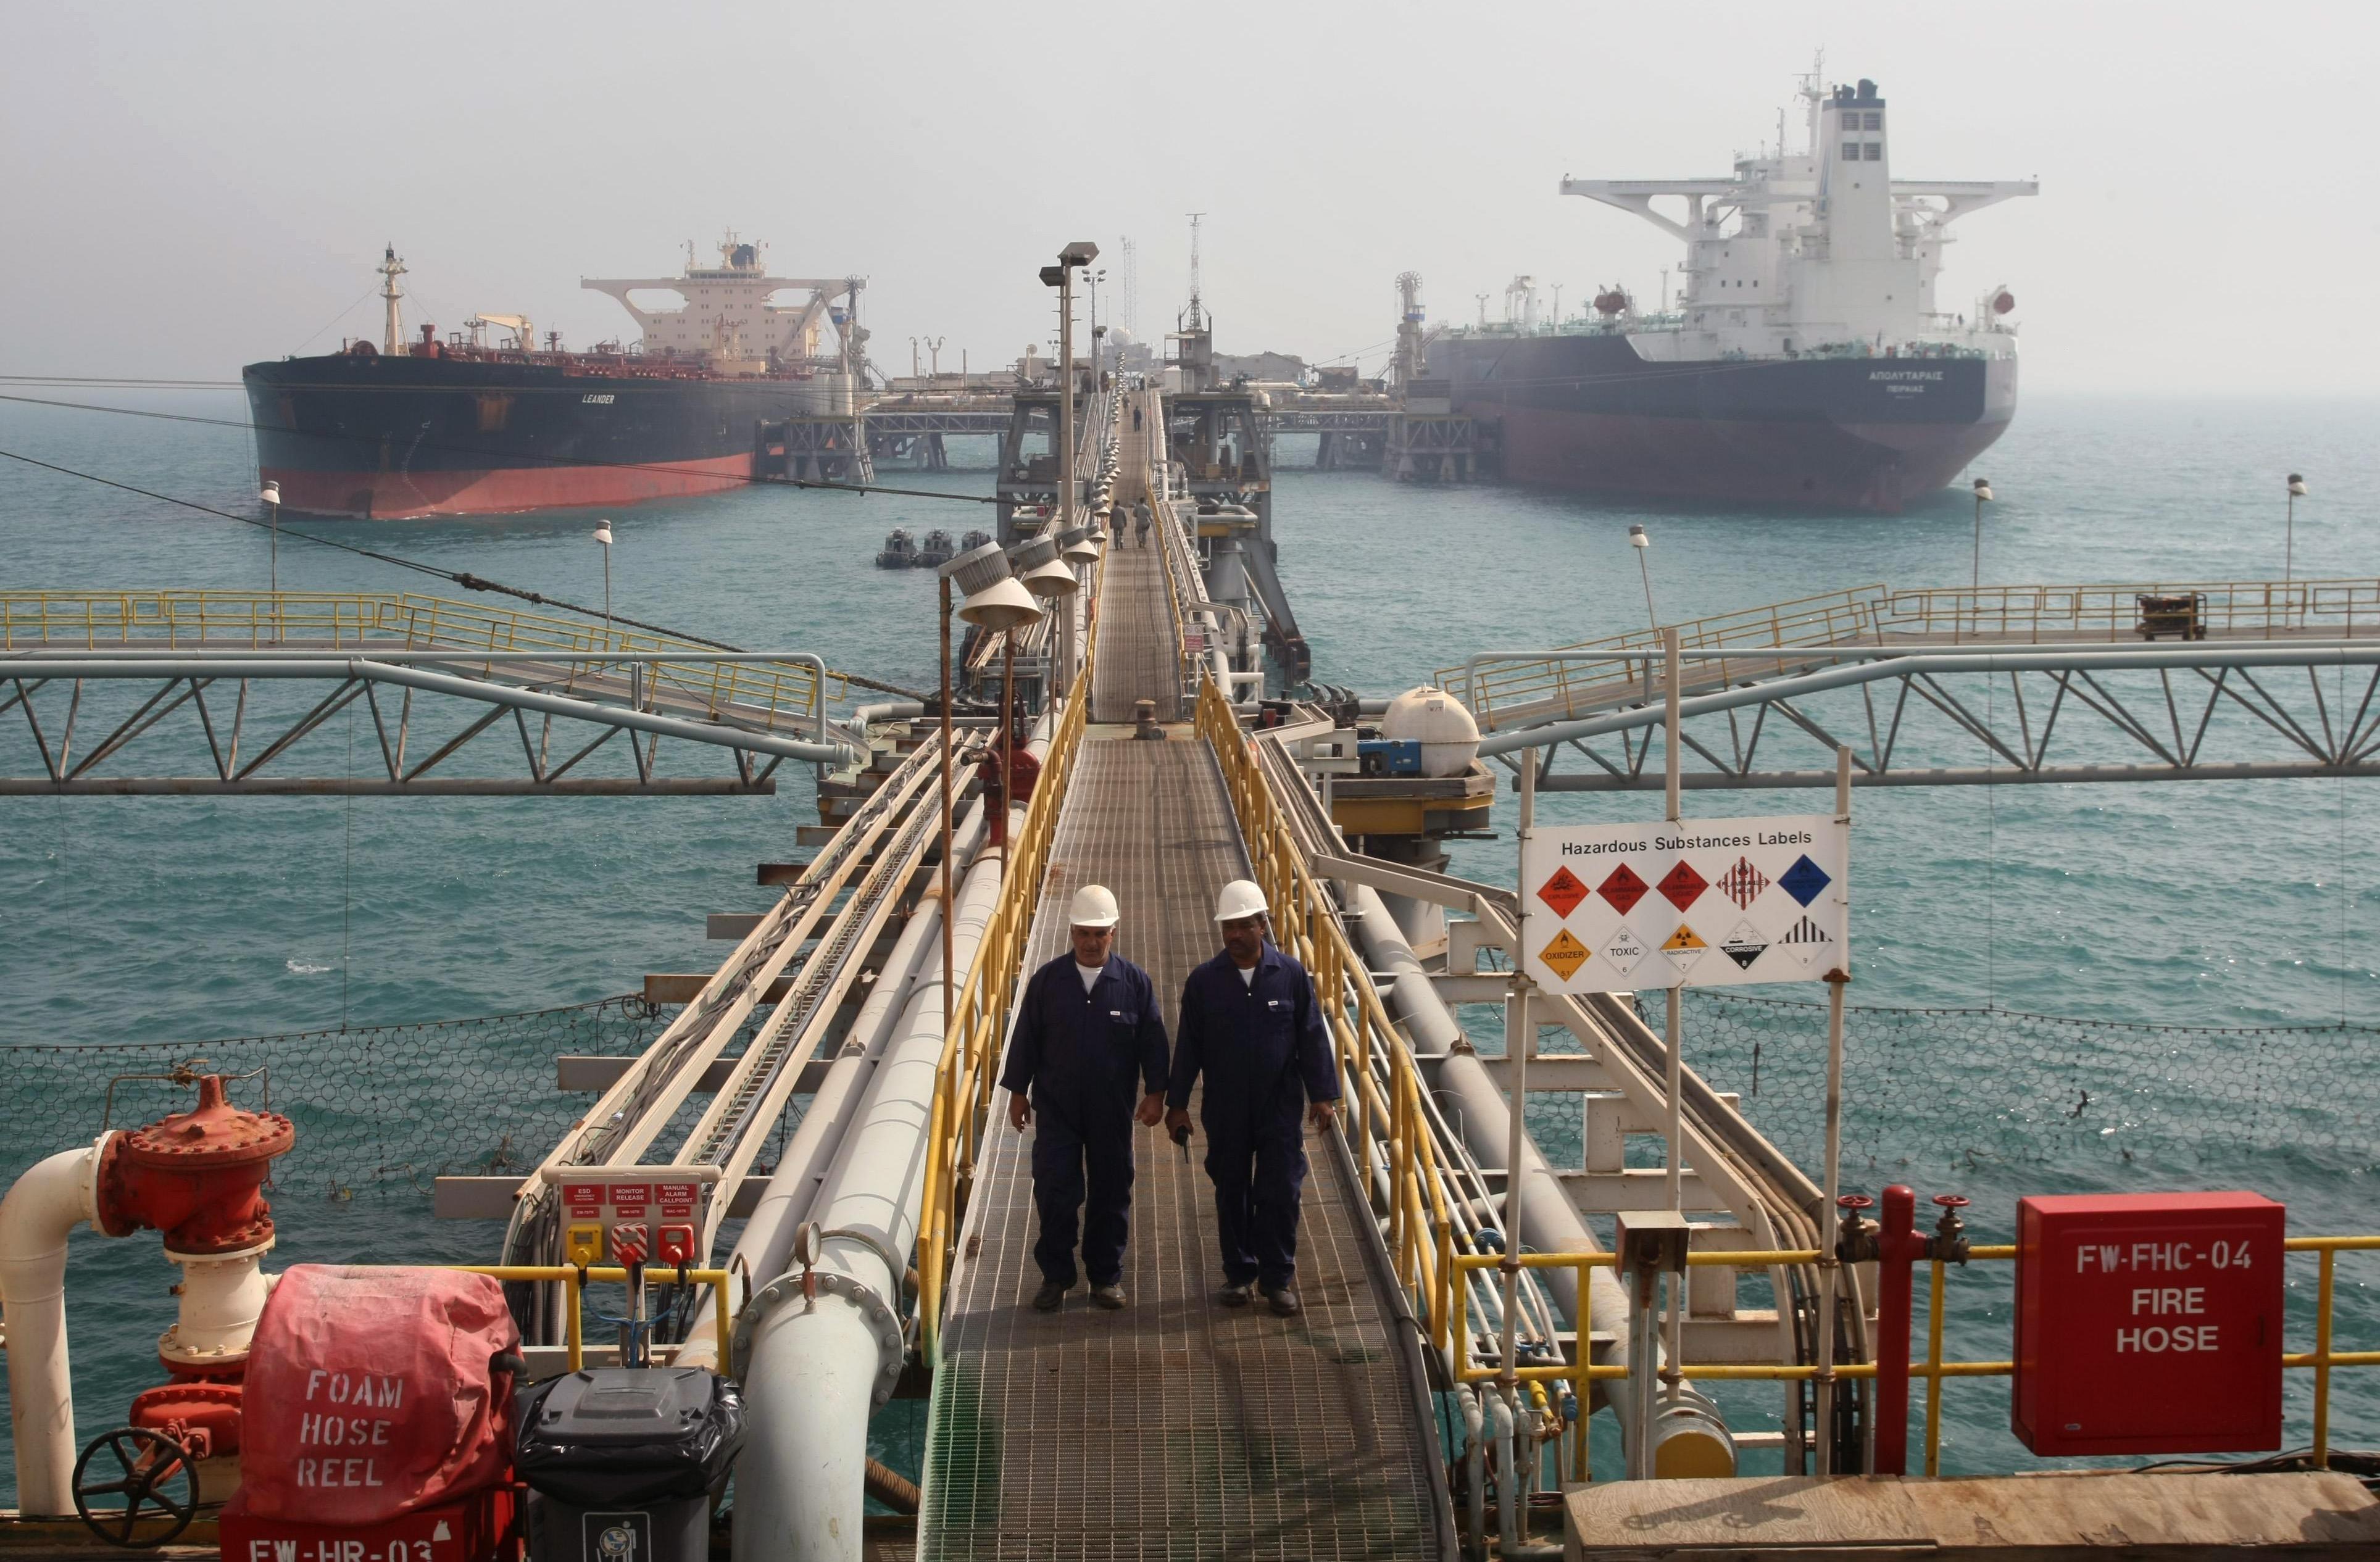 أسعار النفط تقفز إلى أعلى مستوياتها في ثلاثة أشهر